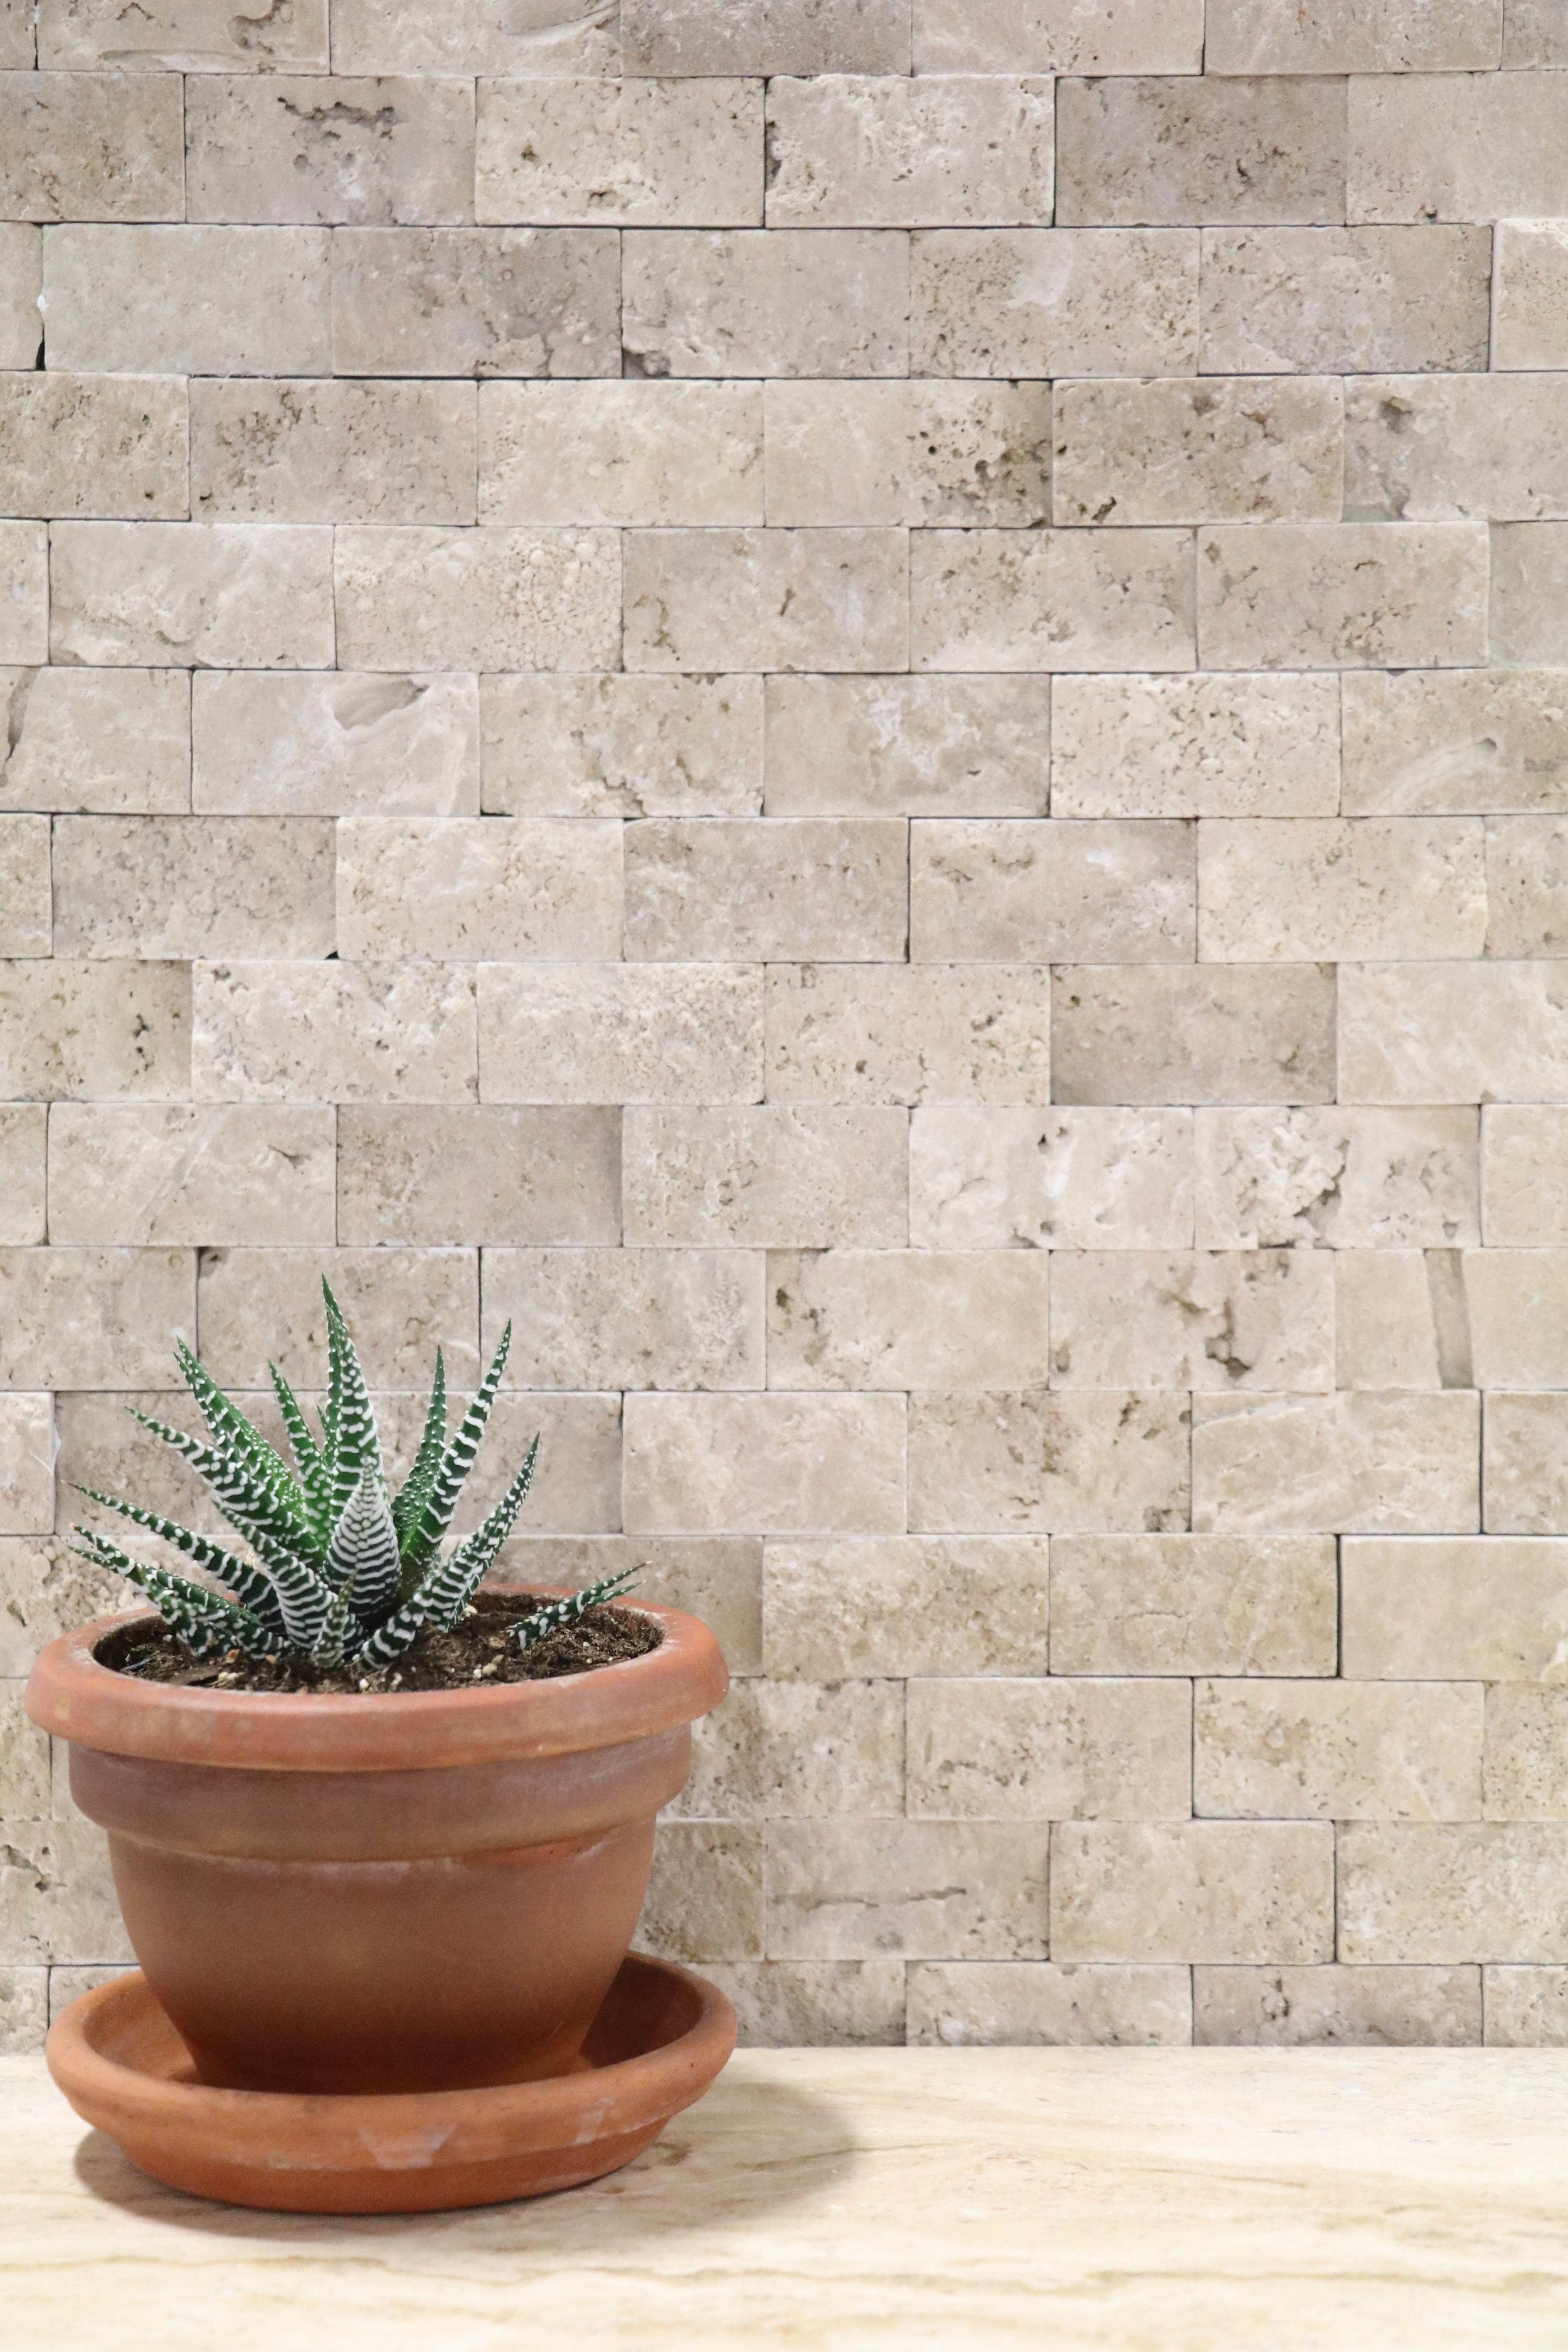 Durango Chiseled Brick